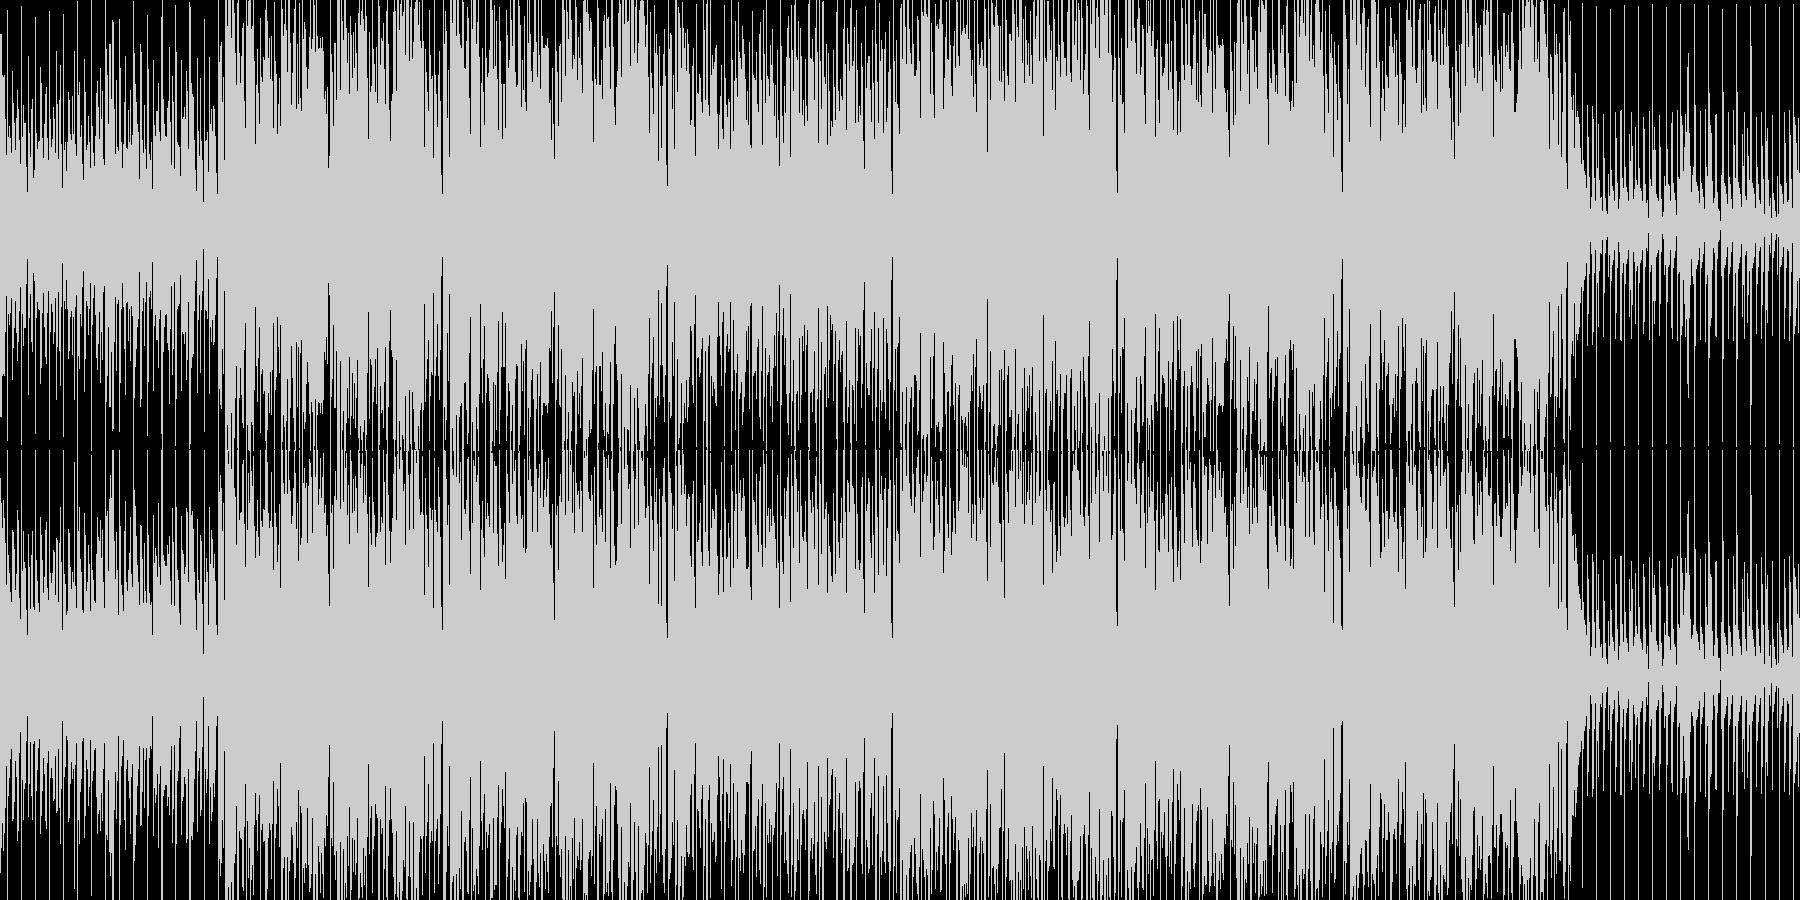 和風/侍/ファンク/ミックス/かっこいいの未再生の波形